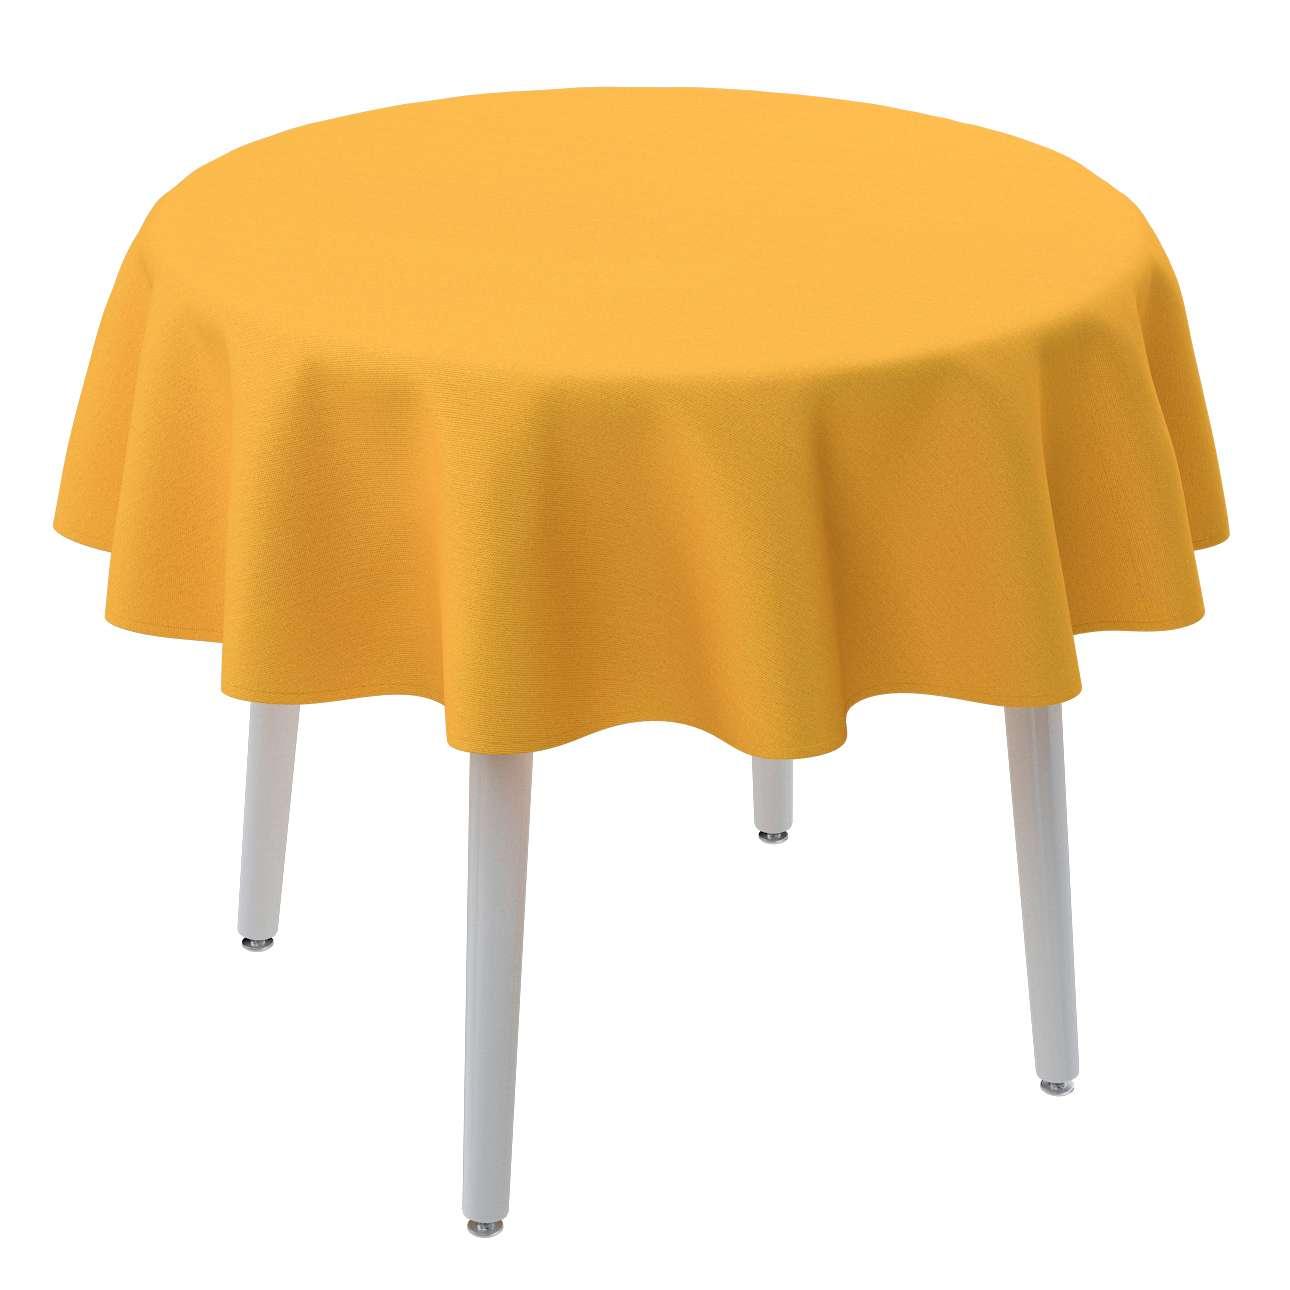 Runde Tischdecke von der Kollektion Loneta, Stoff: 133-40